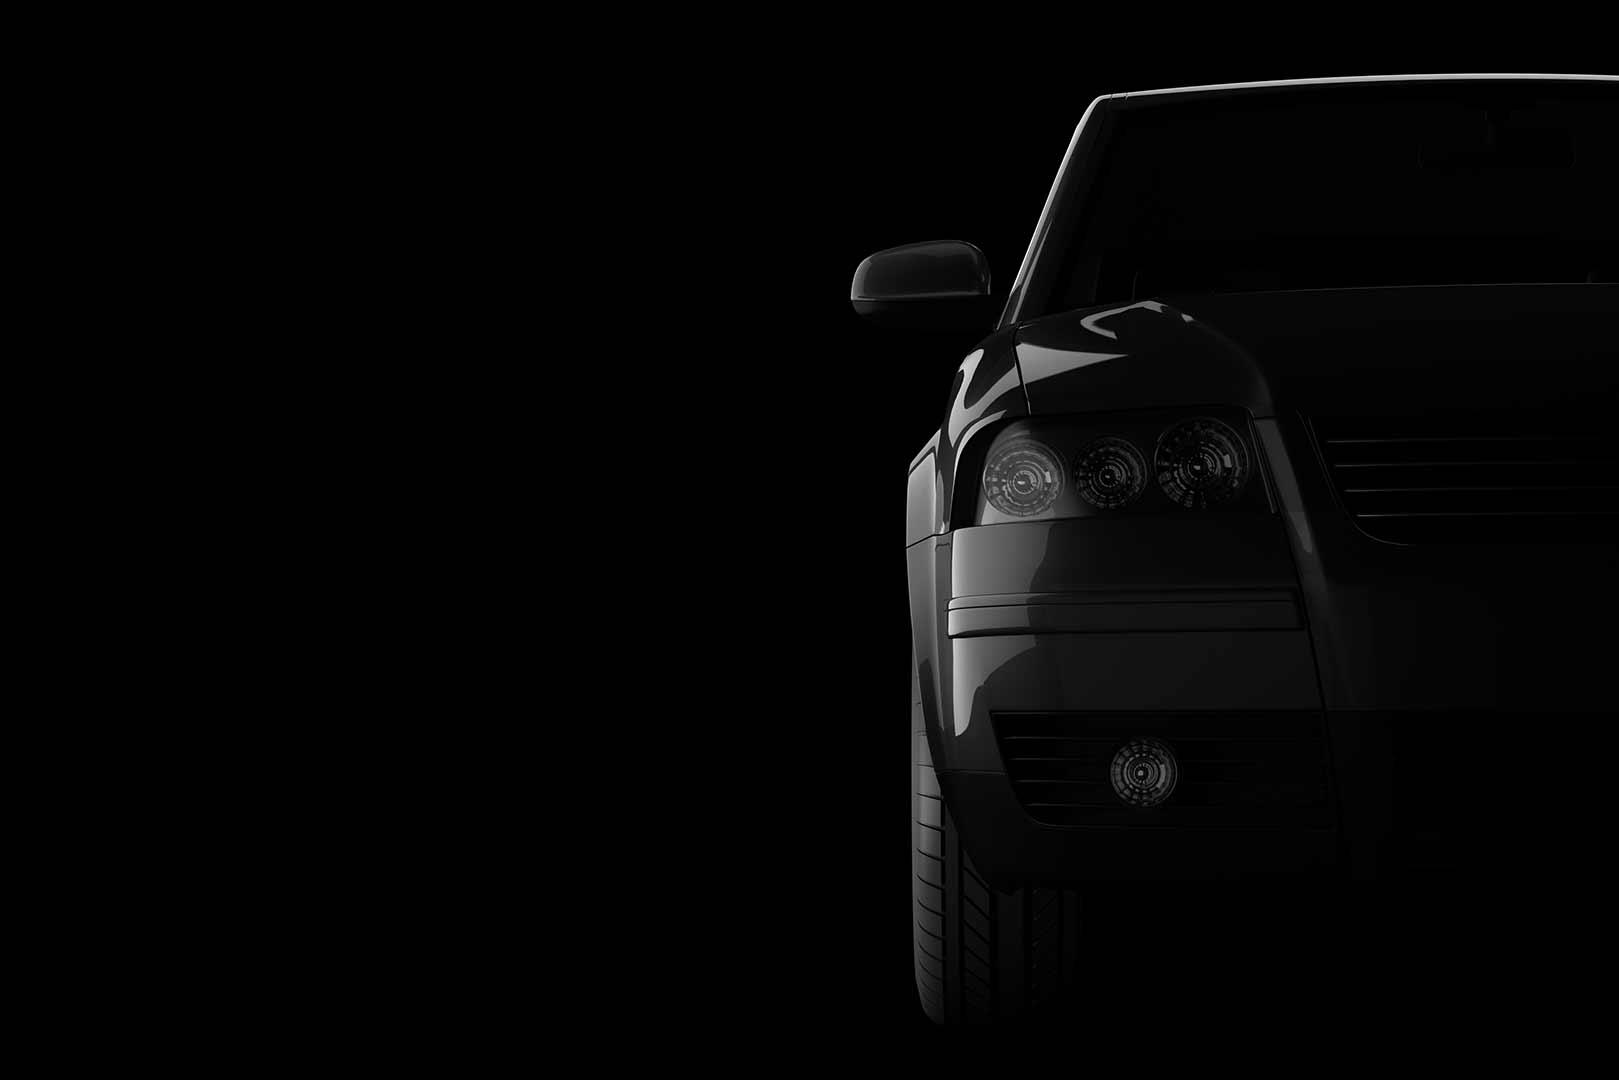 Schwarzes Auto auf schwarzem Hintergrund